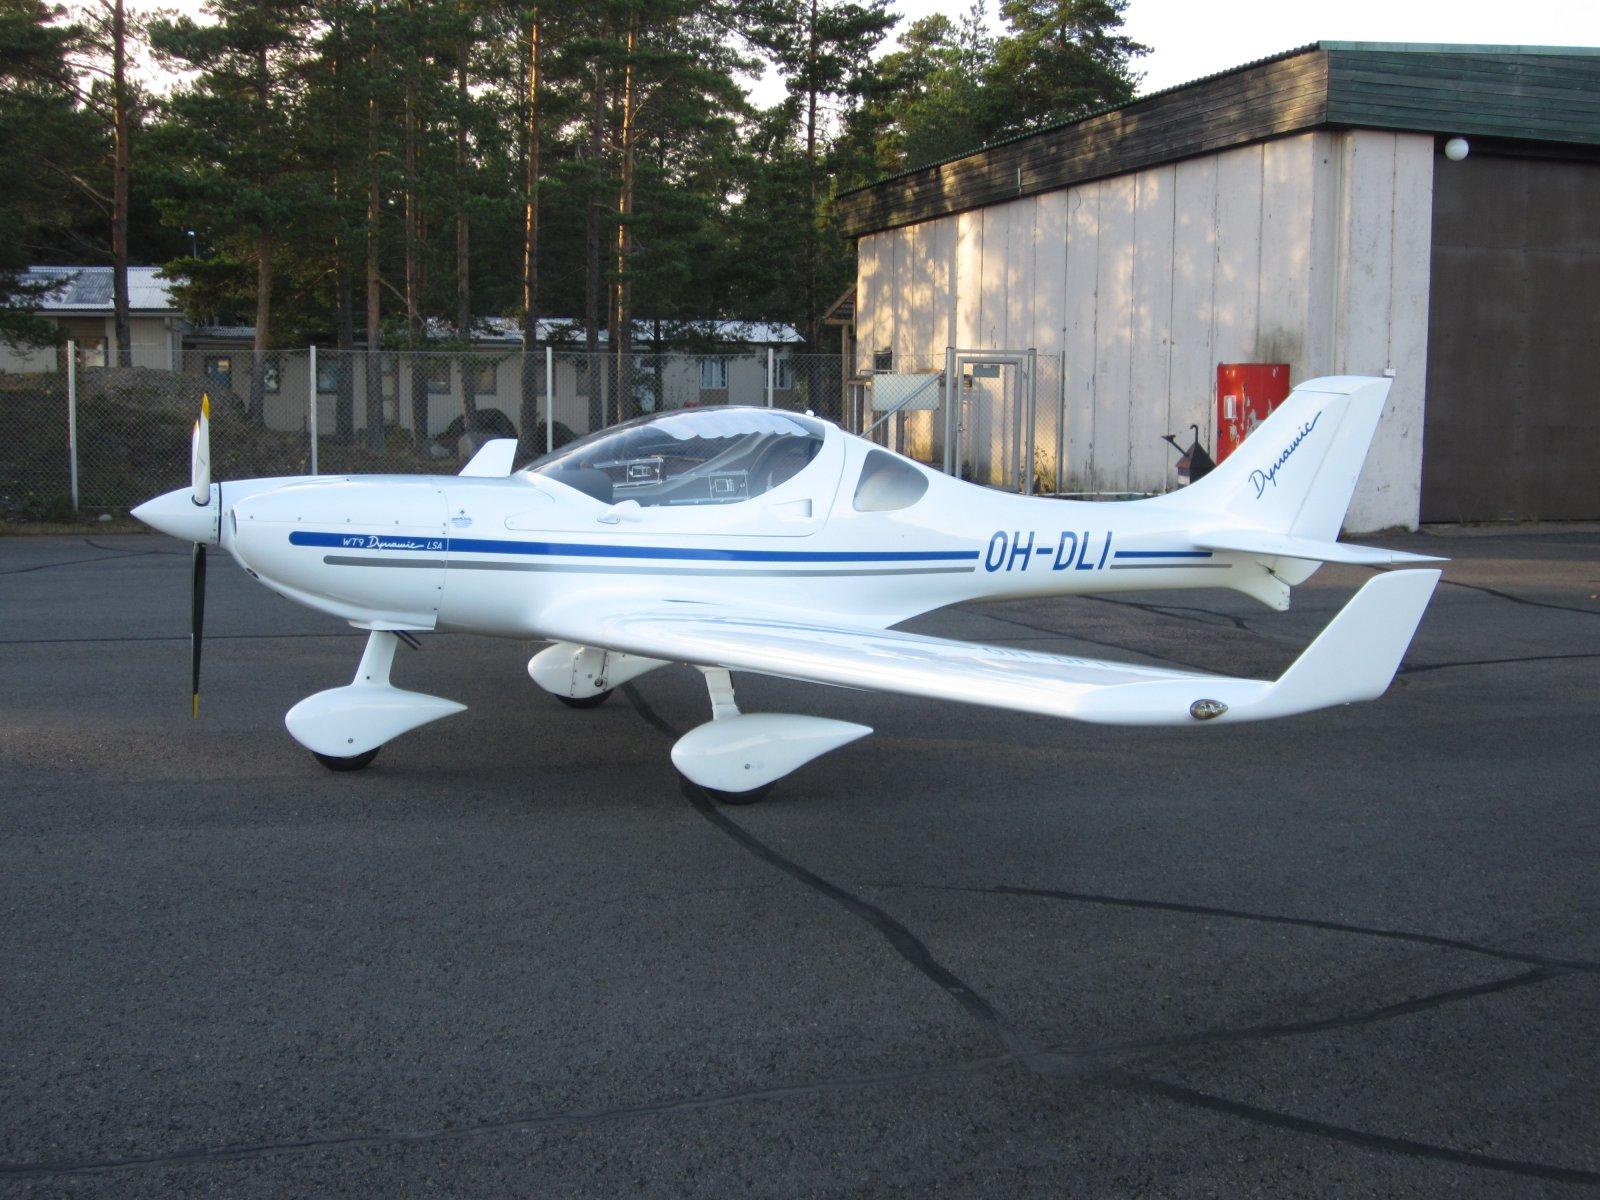 Dynamic WT9 OH-DLI EFUT 2012-10-06